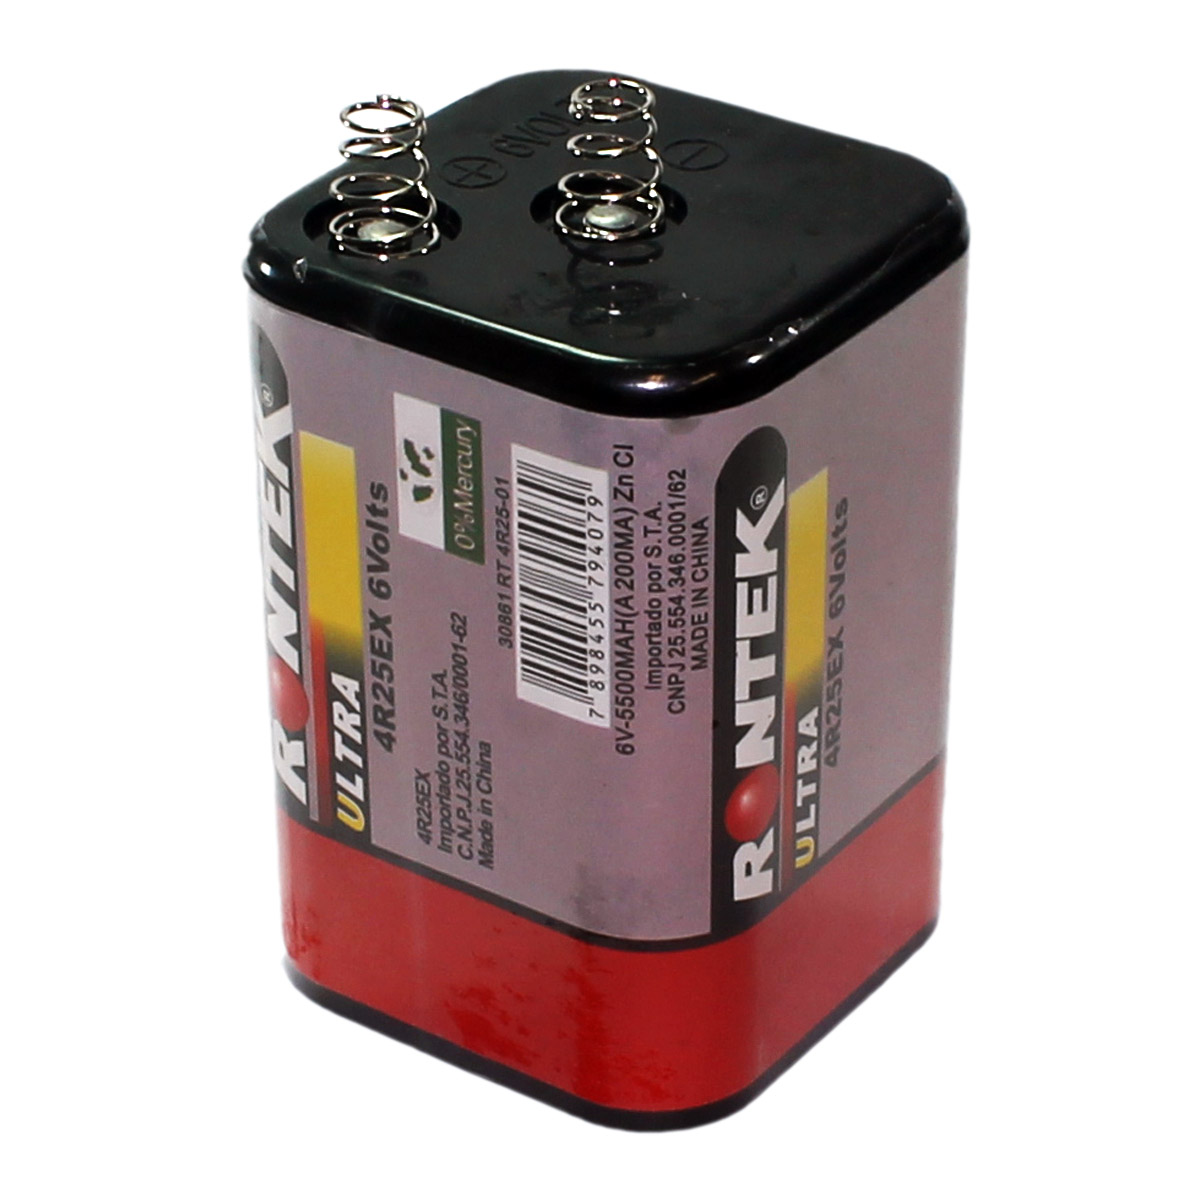 Pilha de carvo para lanterna 6v mn4r25 eletropeas comercial pilha de carvo para lanterna 6v mn4r25 altavistaventures Choice Image